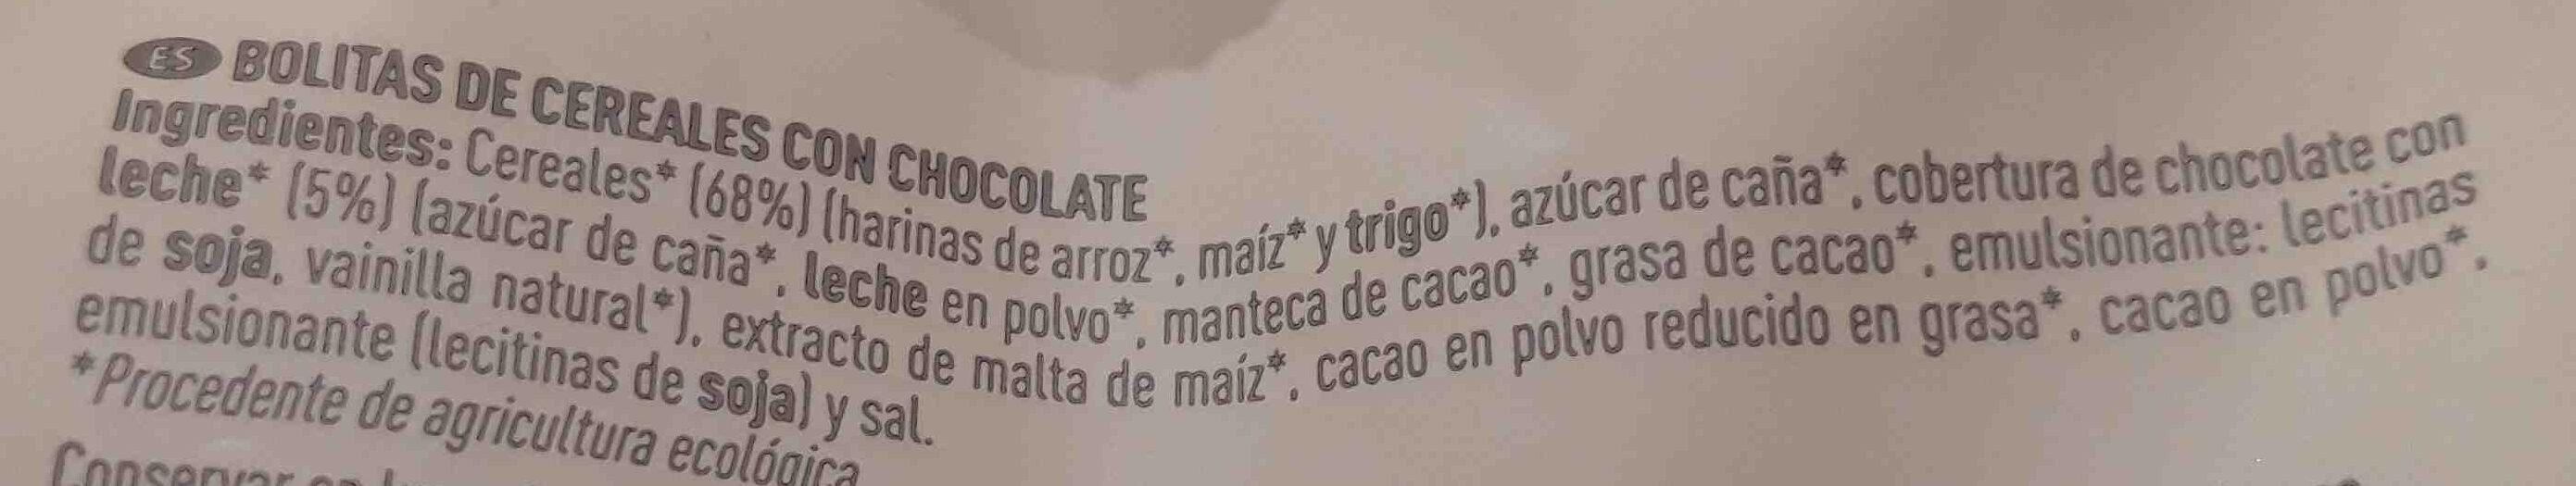 Bio bolitas de cereales con chocolate - Ingredients - es